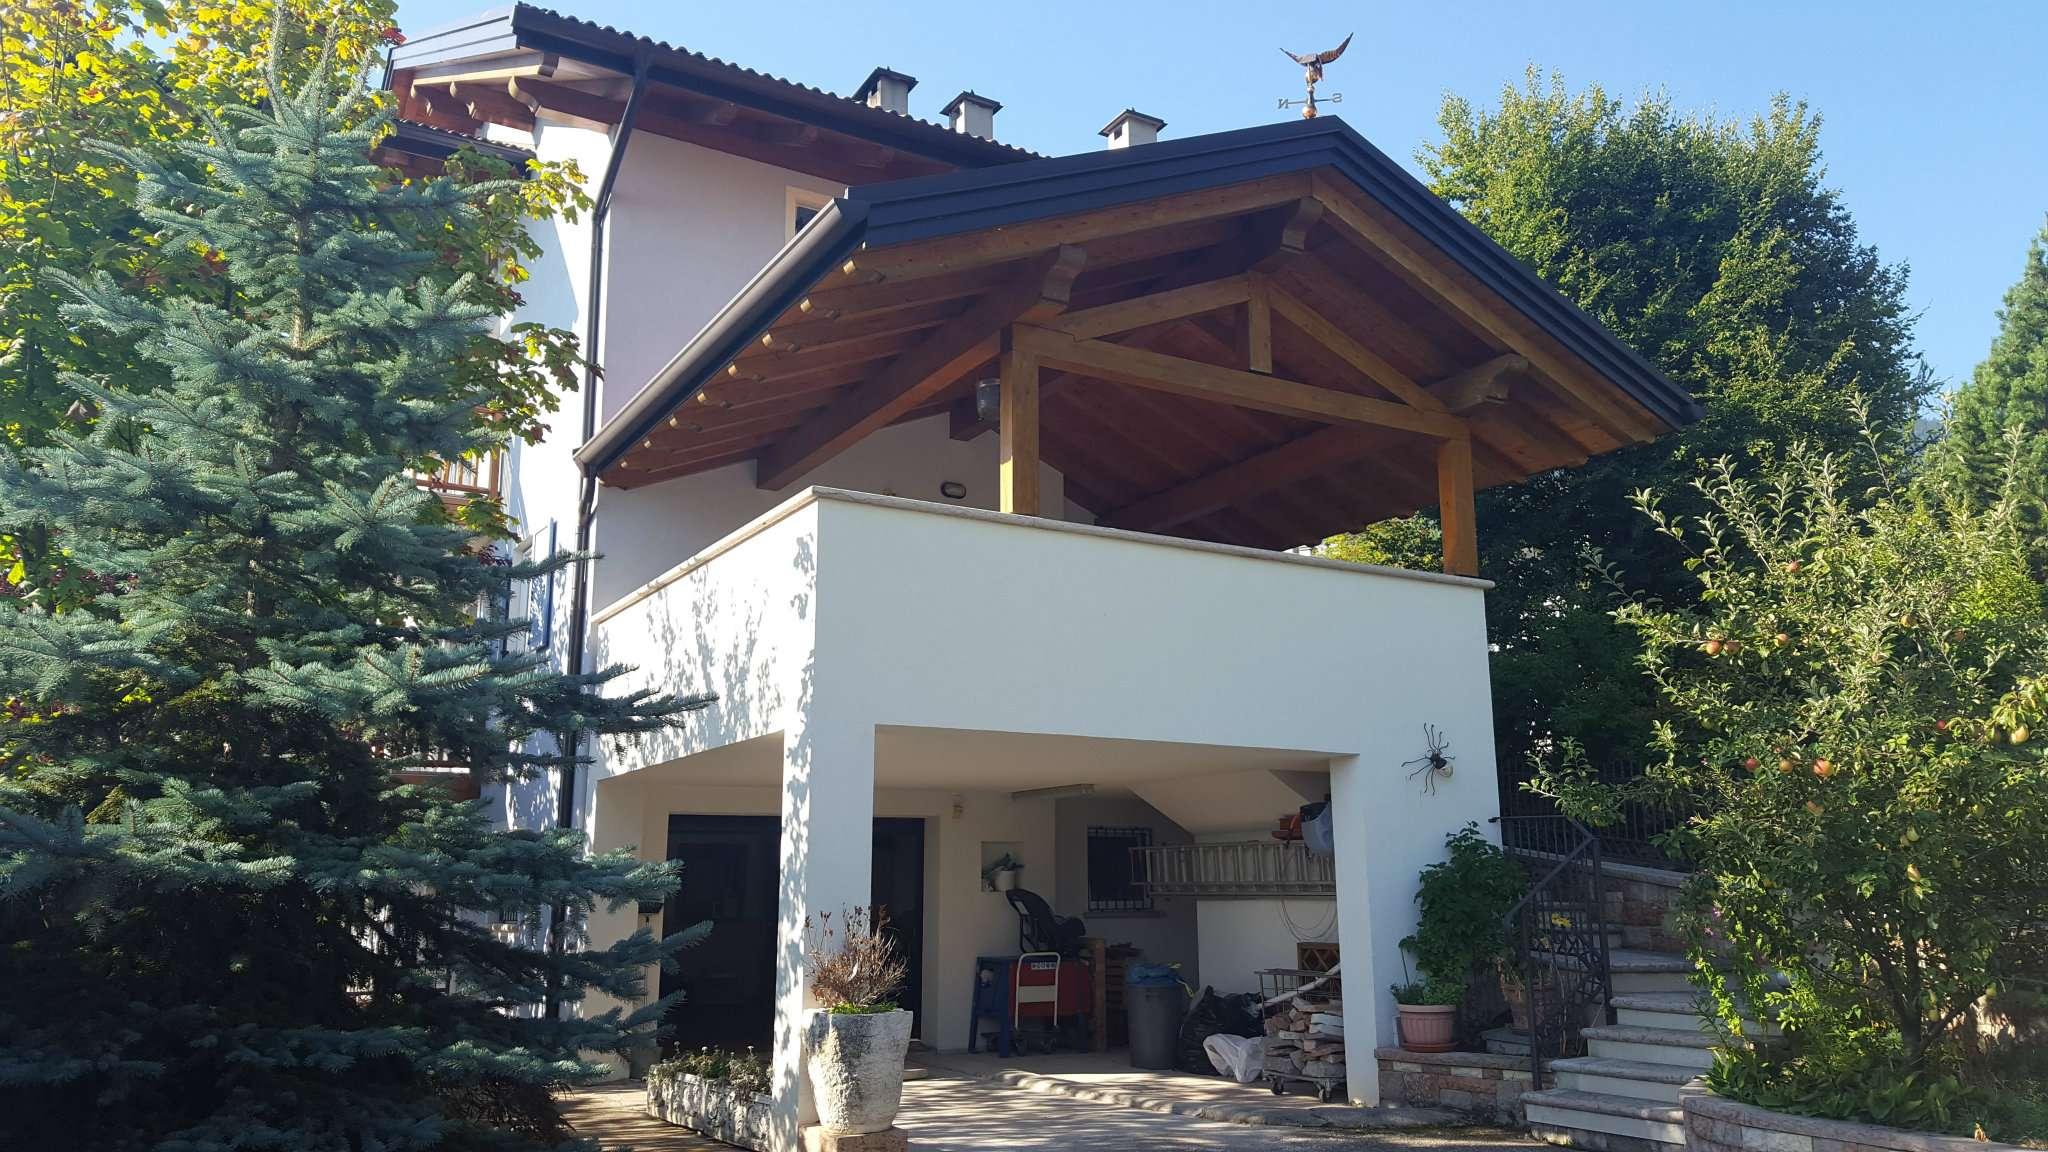 Villa in vendita a Fai della Paganella, 8 locali, Trattative riservate | CambioCasa.it